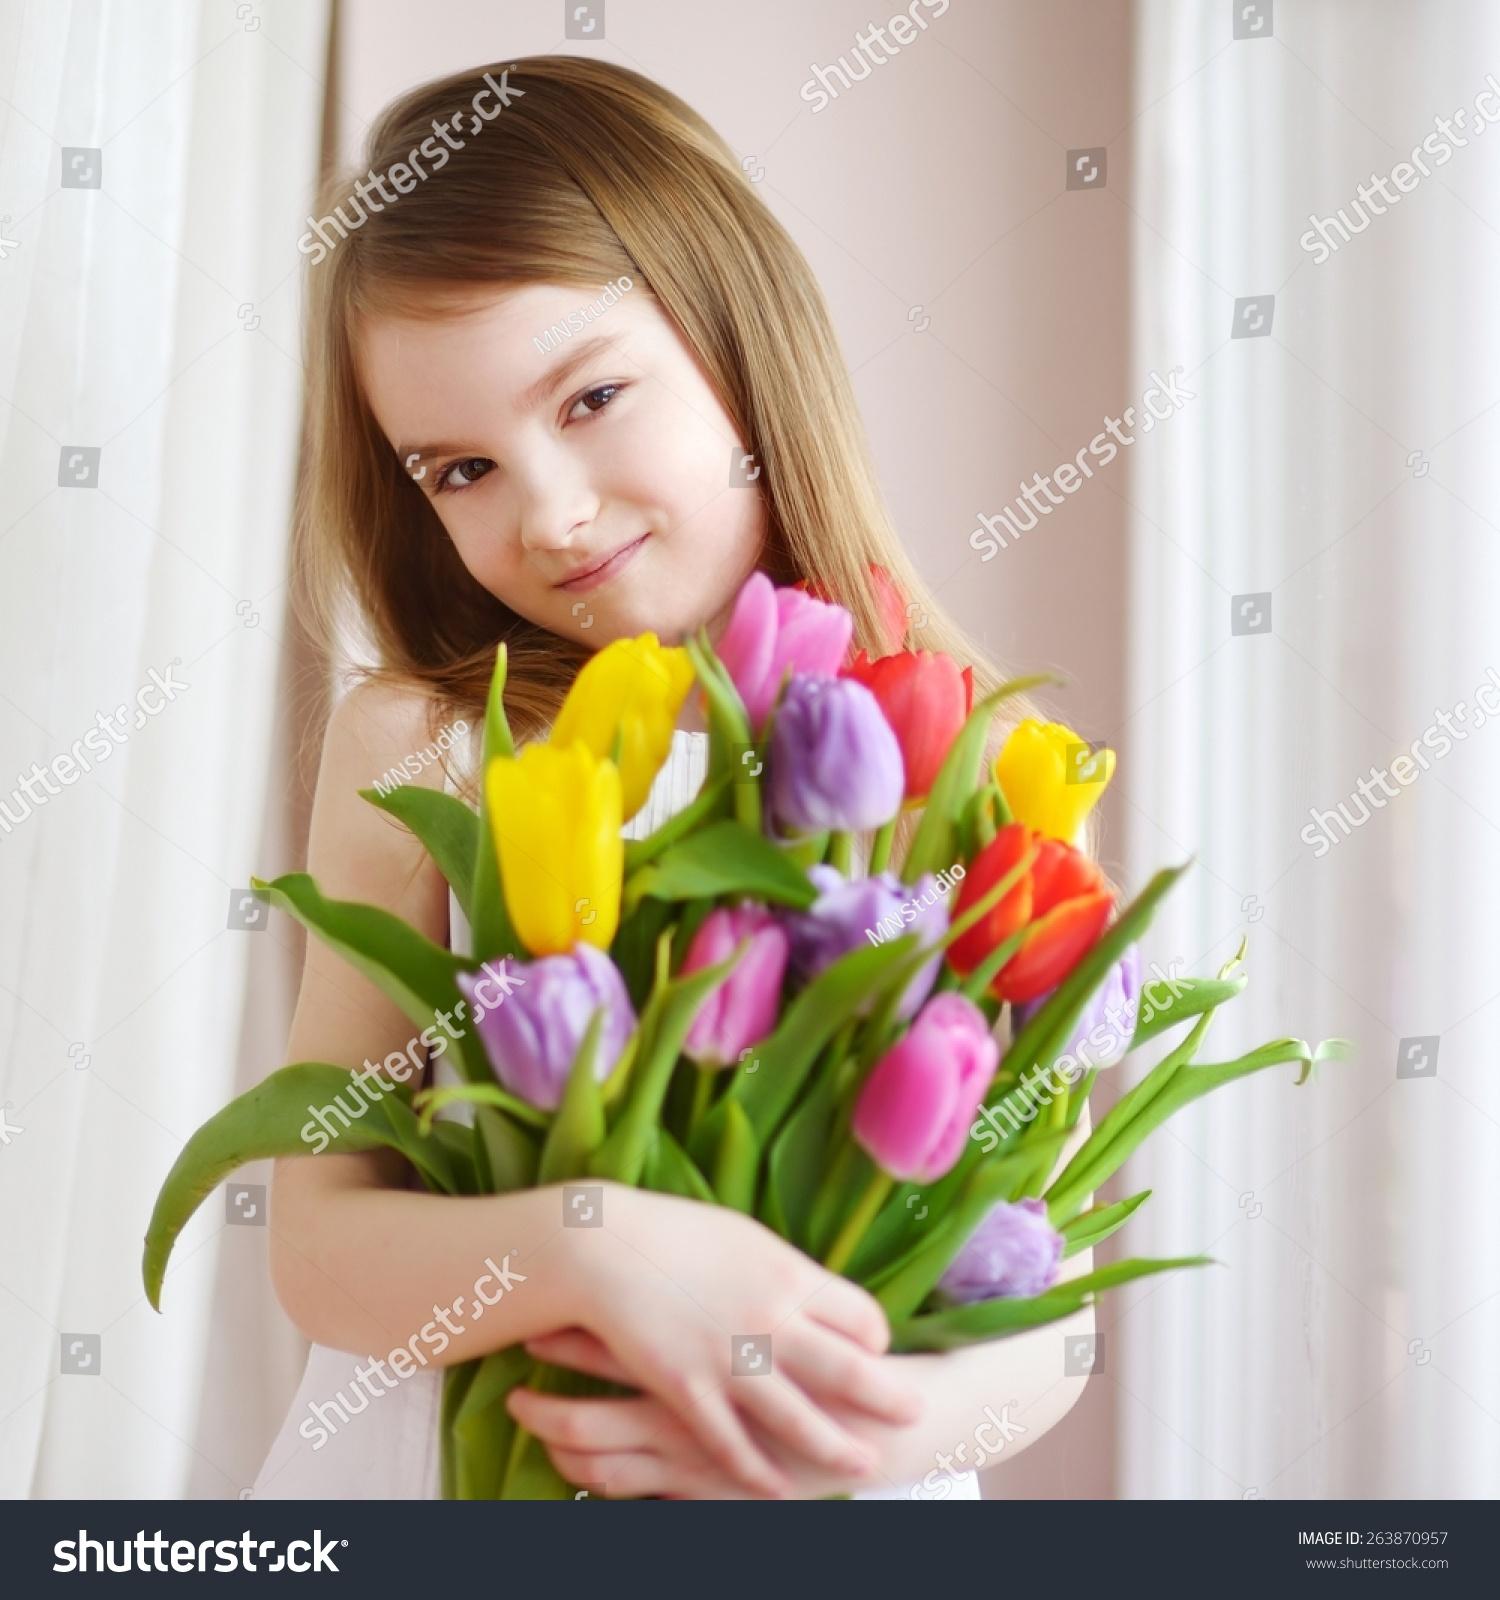 可爱的小女孩拿着郁金香的窗口-人物